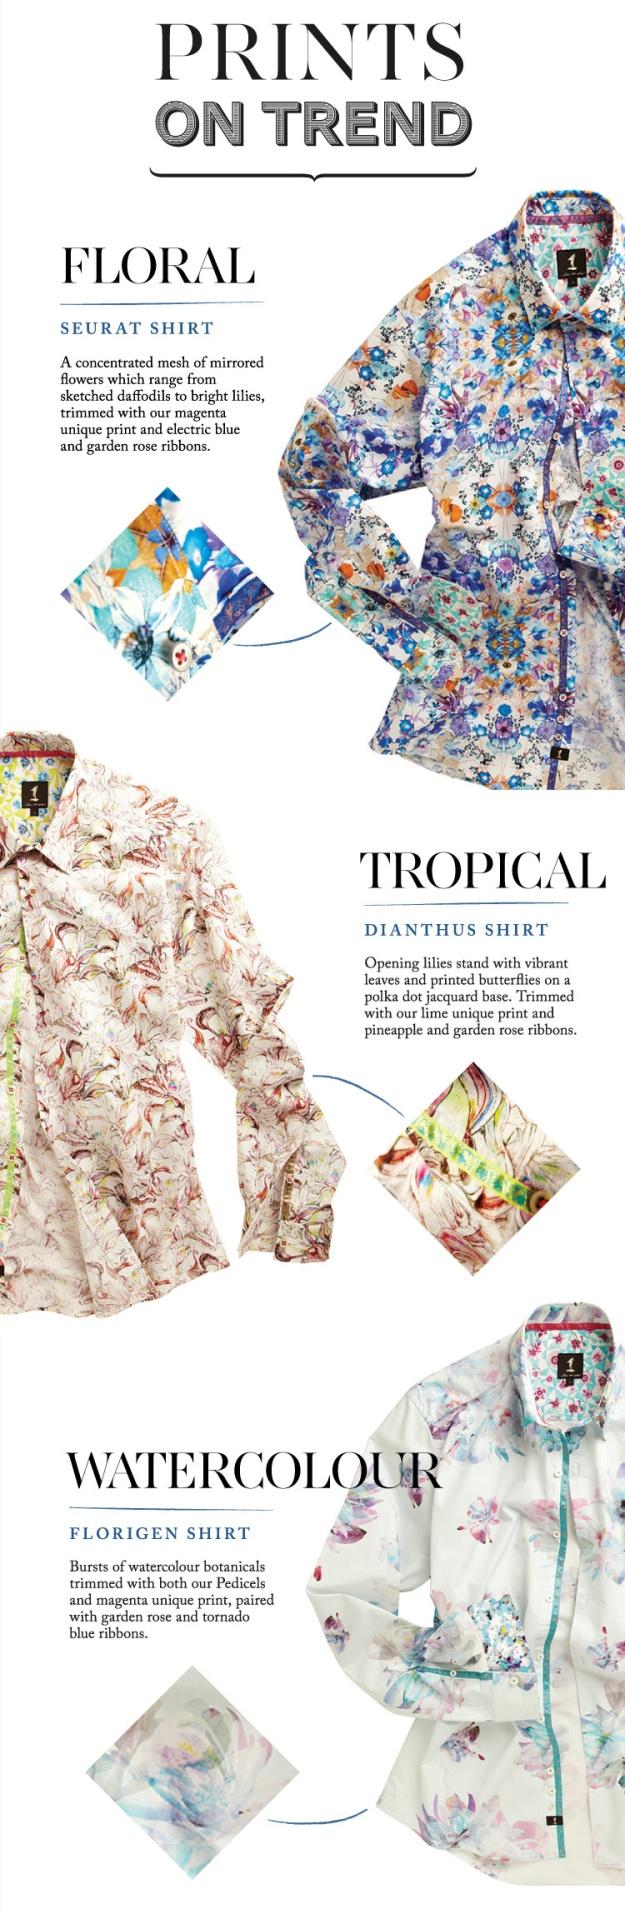 Prints On Trend